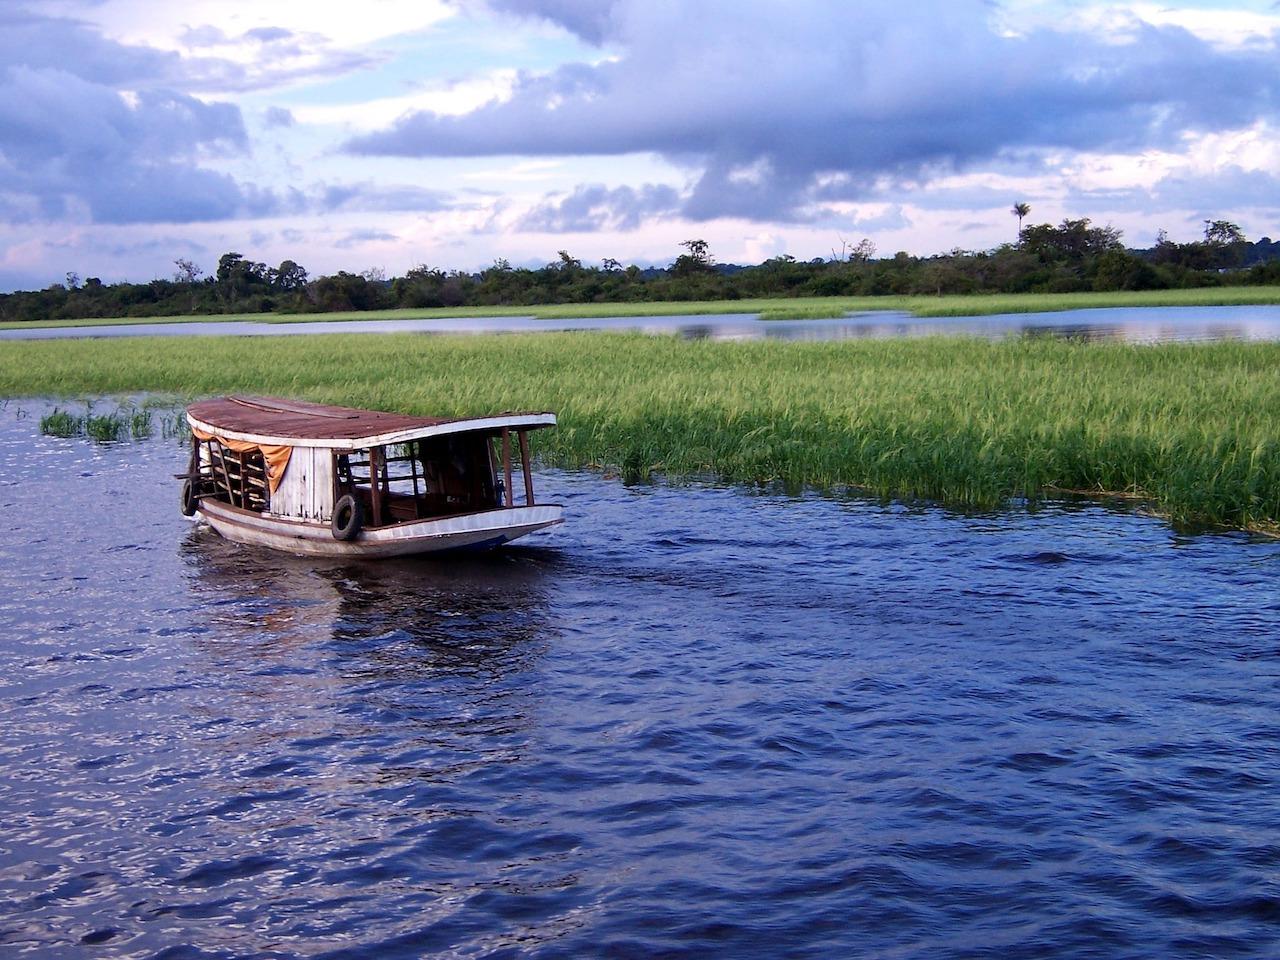 rio delle amazzoni inquinato